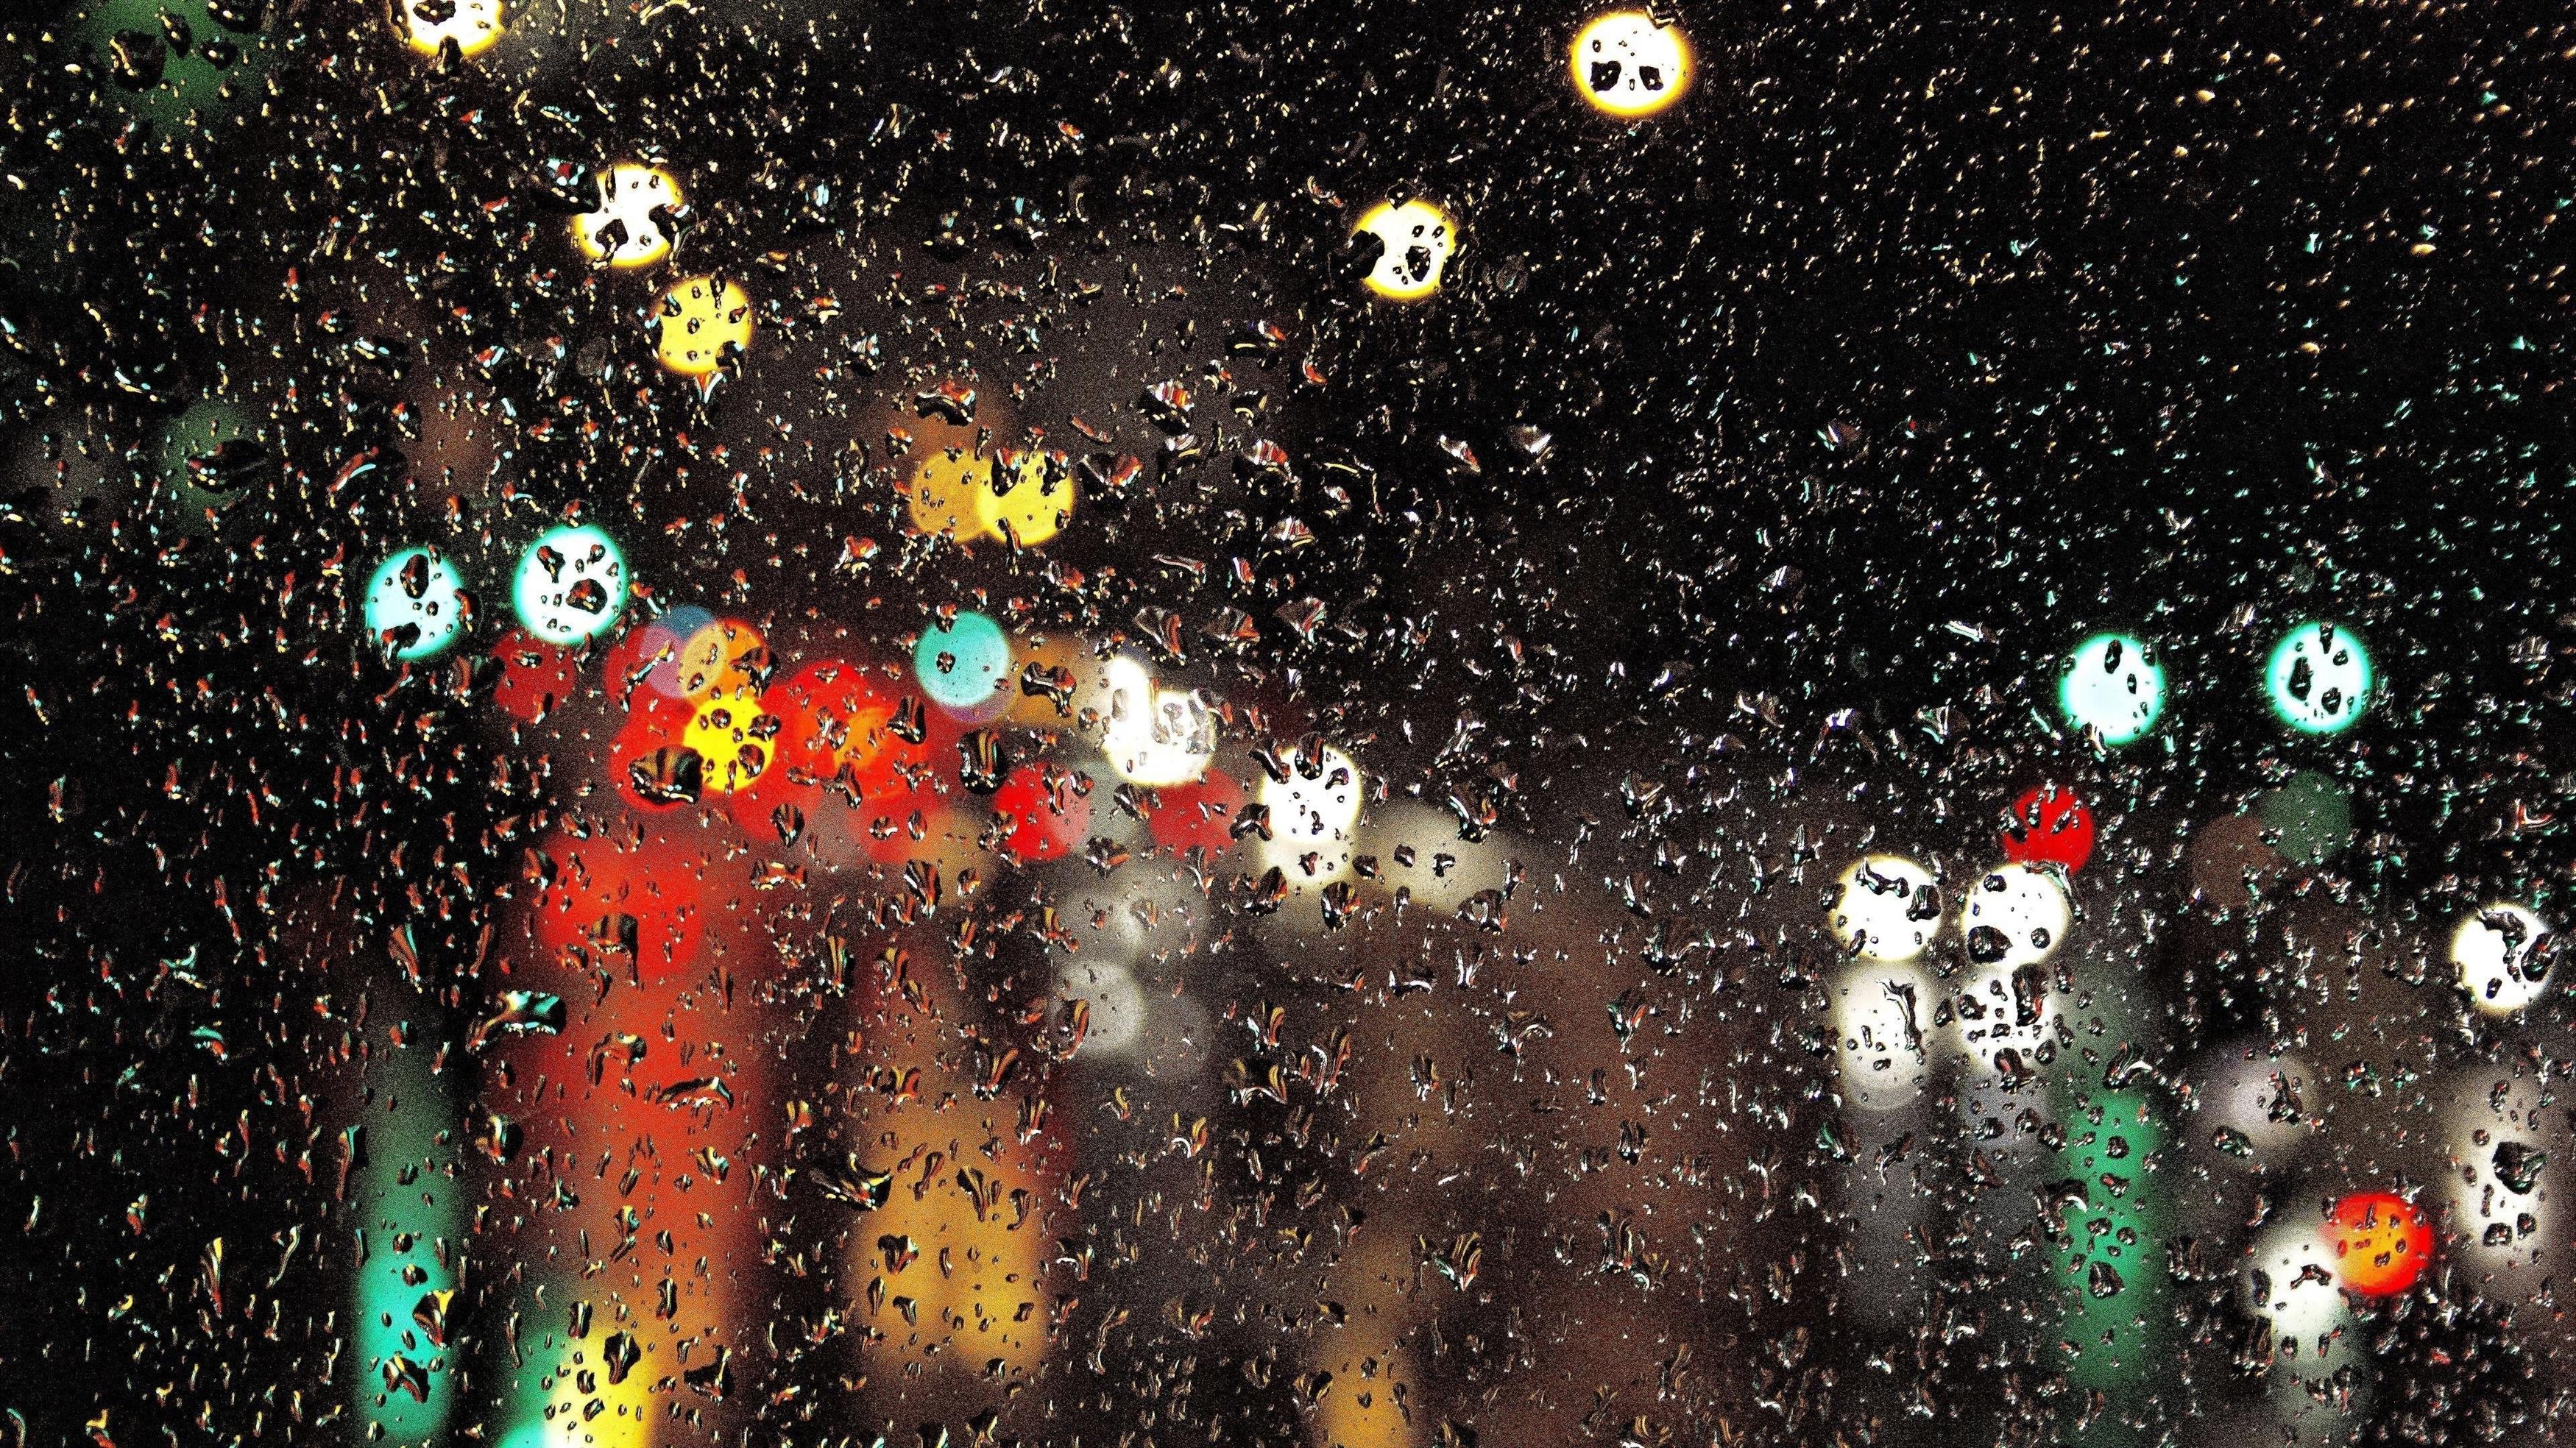 Стеклянные капли блики свет абстрактный обои скачать